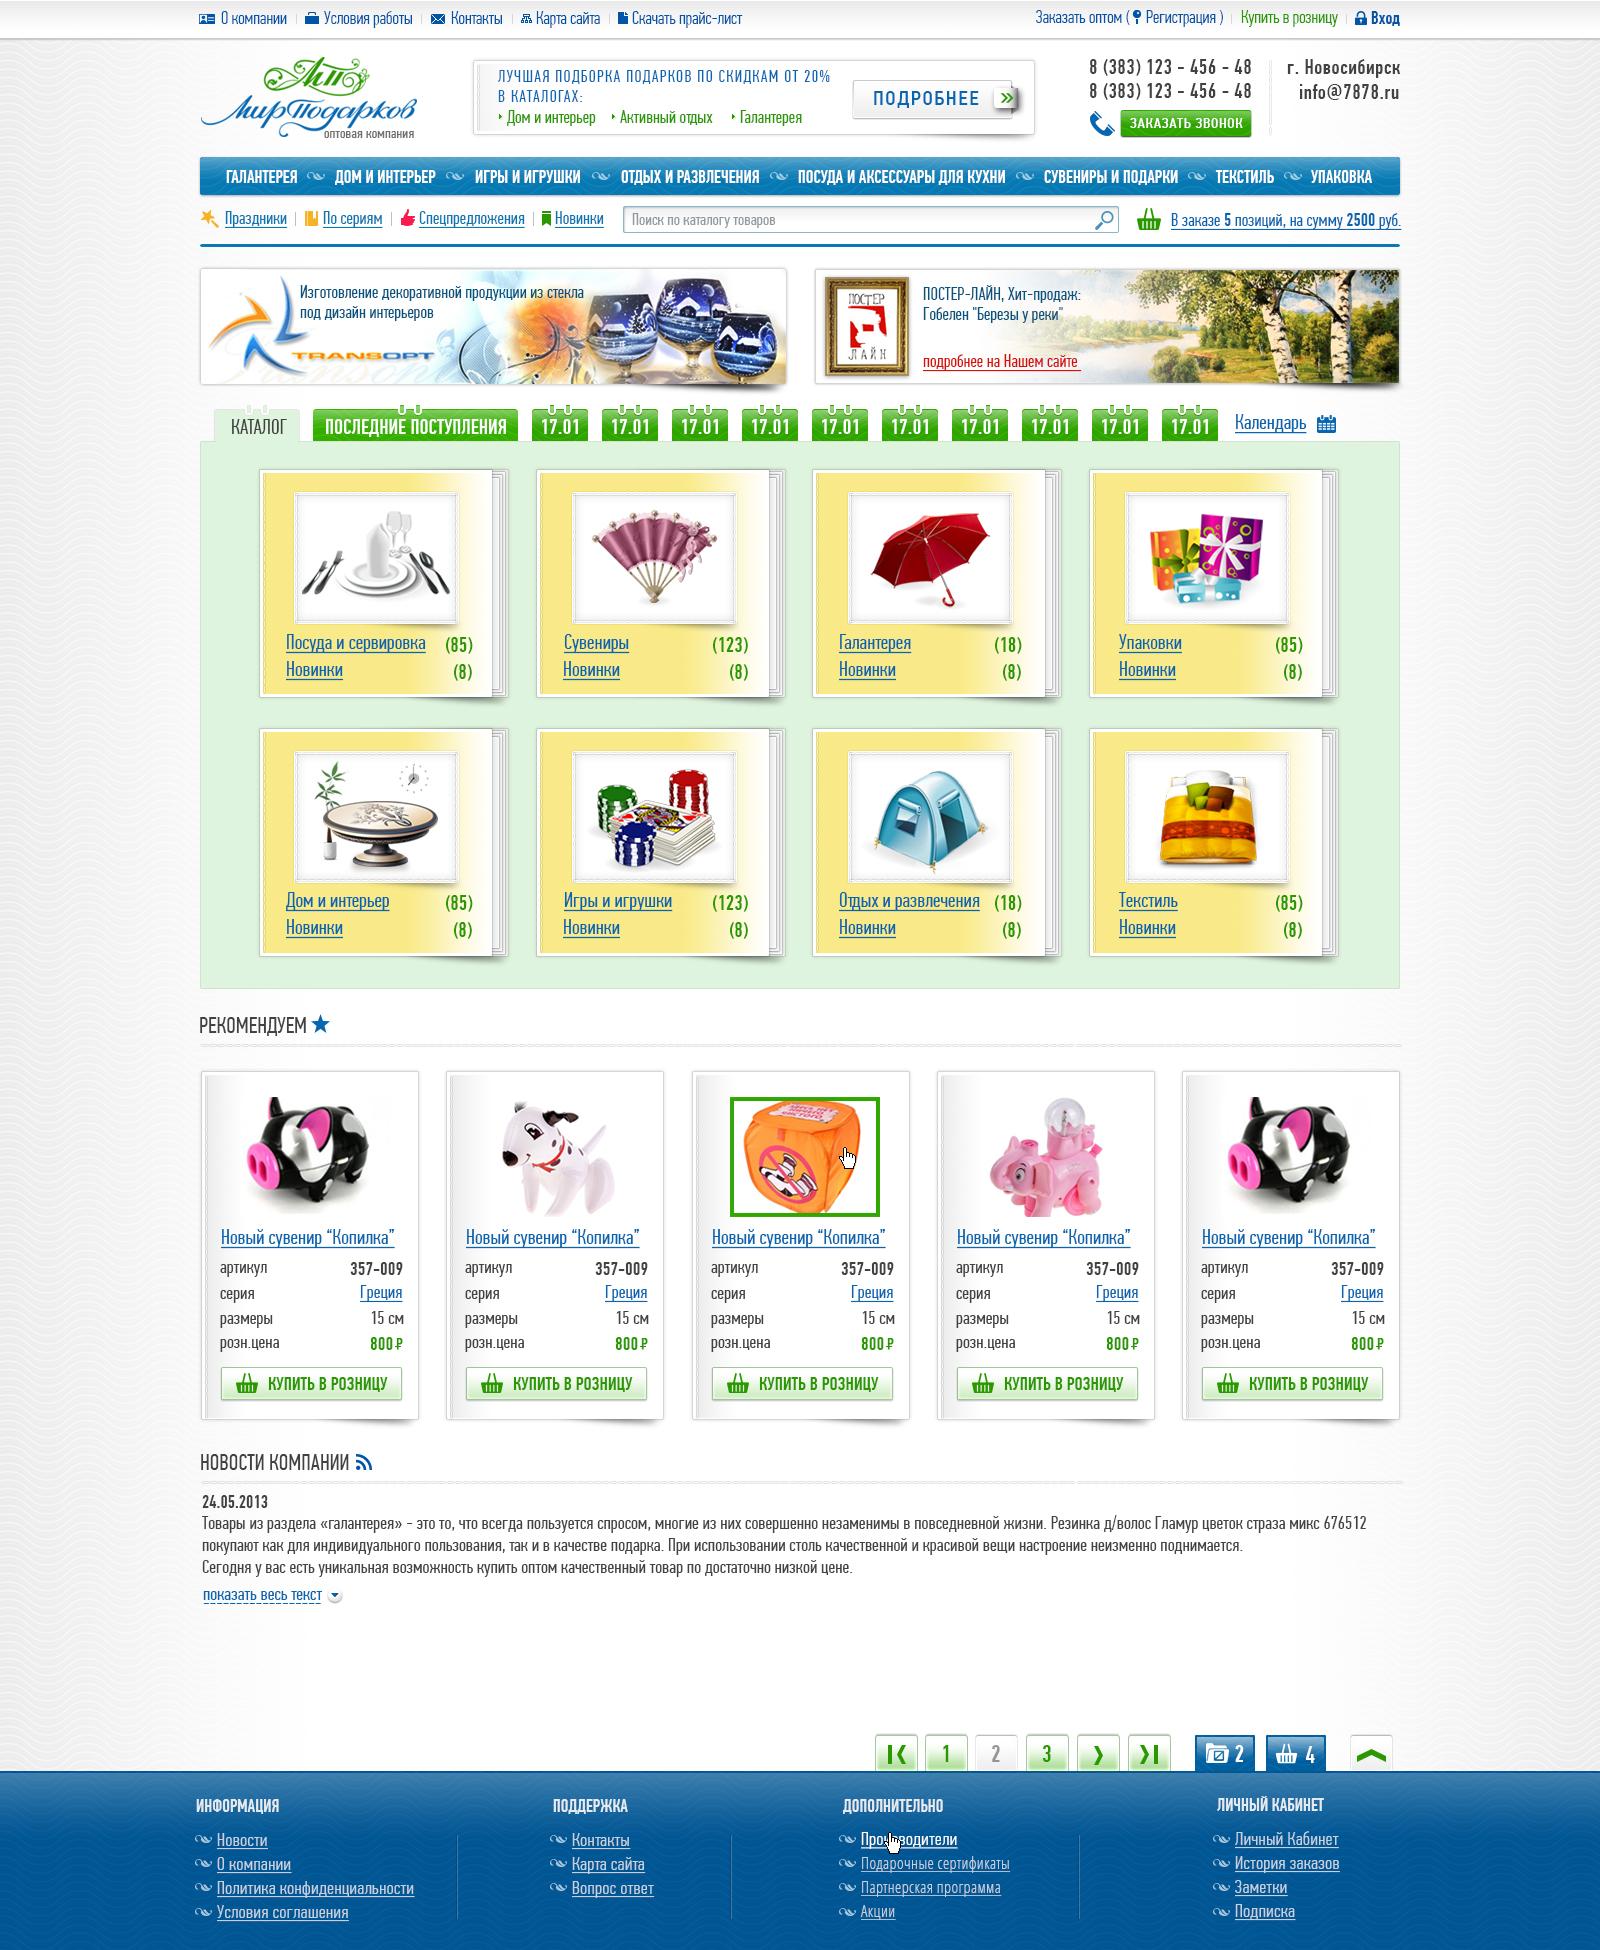 """Интернет-магазин каталог """"Мир подарков"""", полная разработка Адаптивного дизайна"""